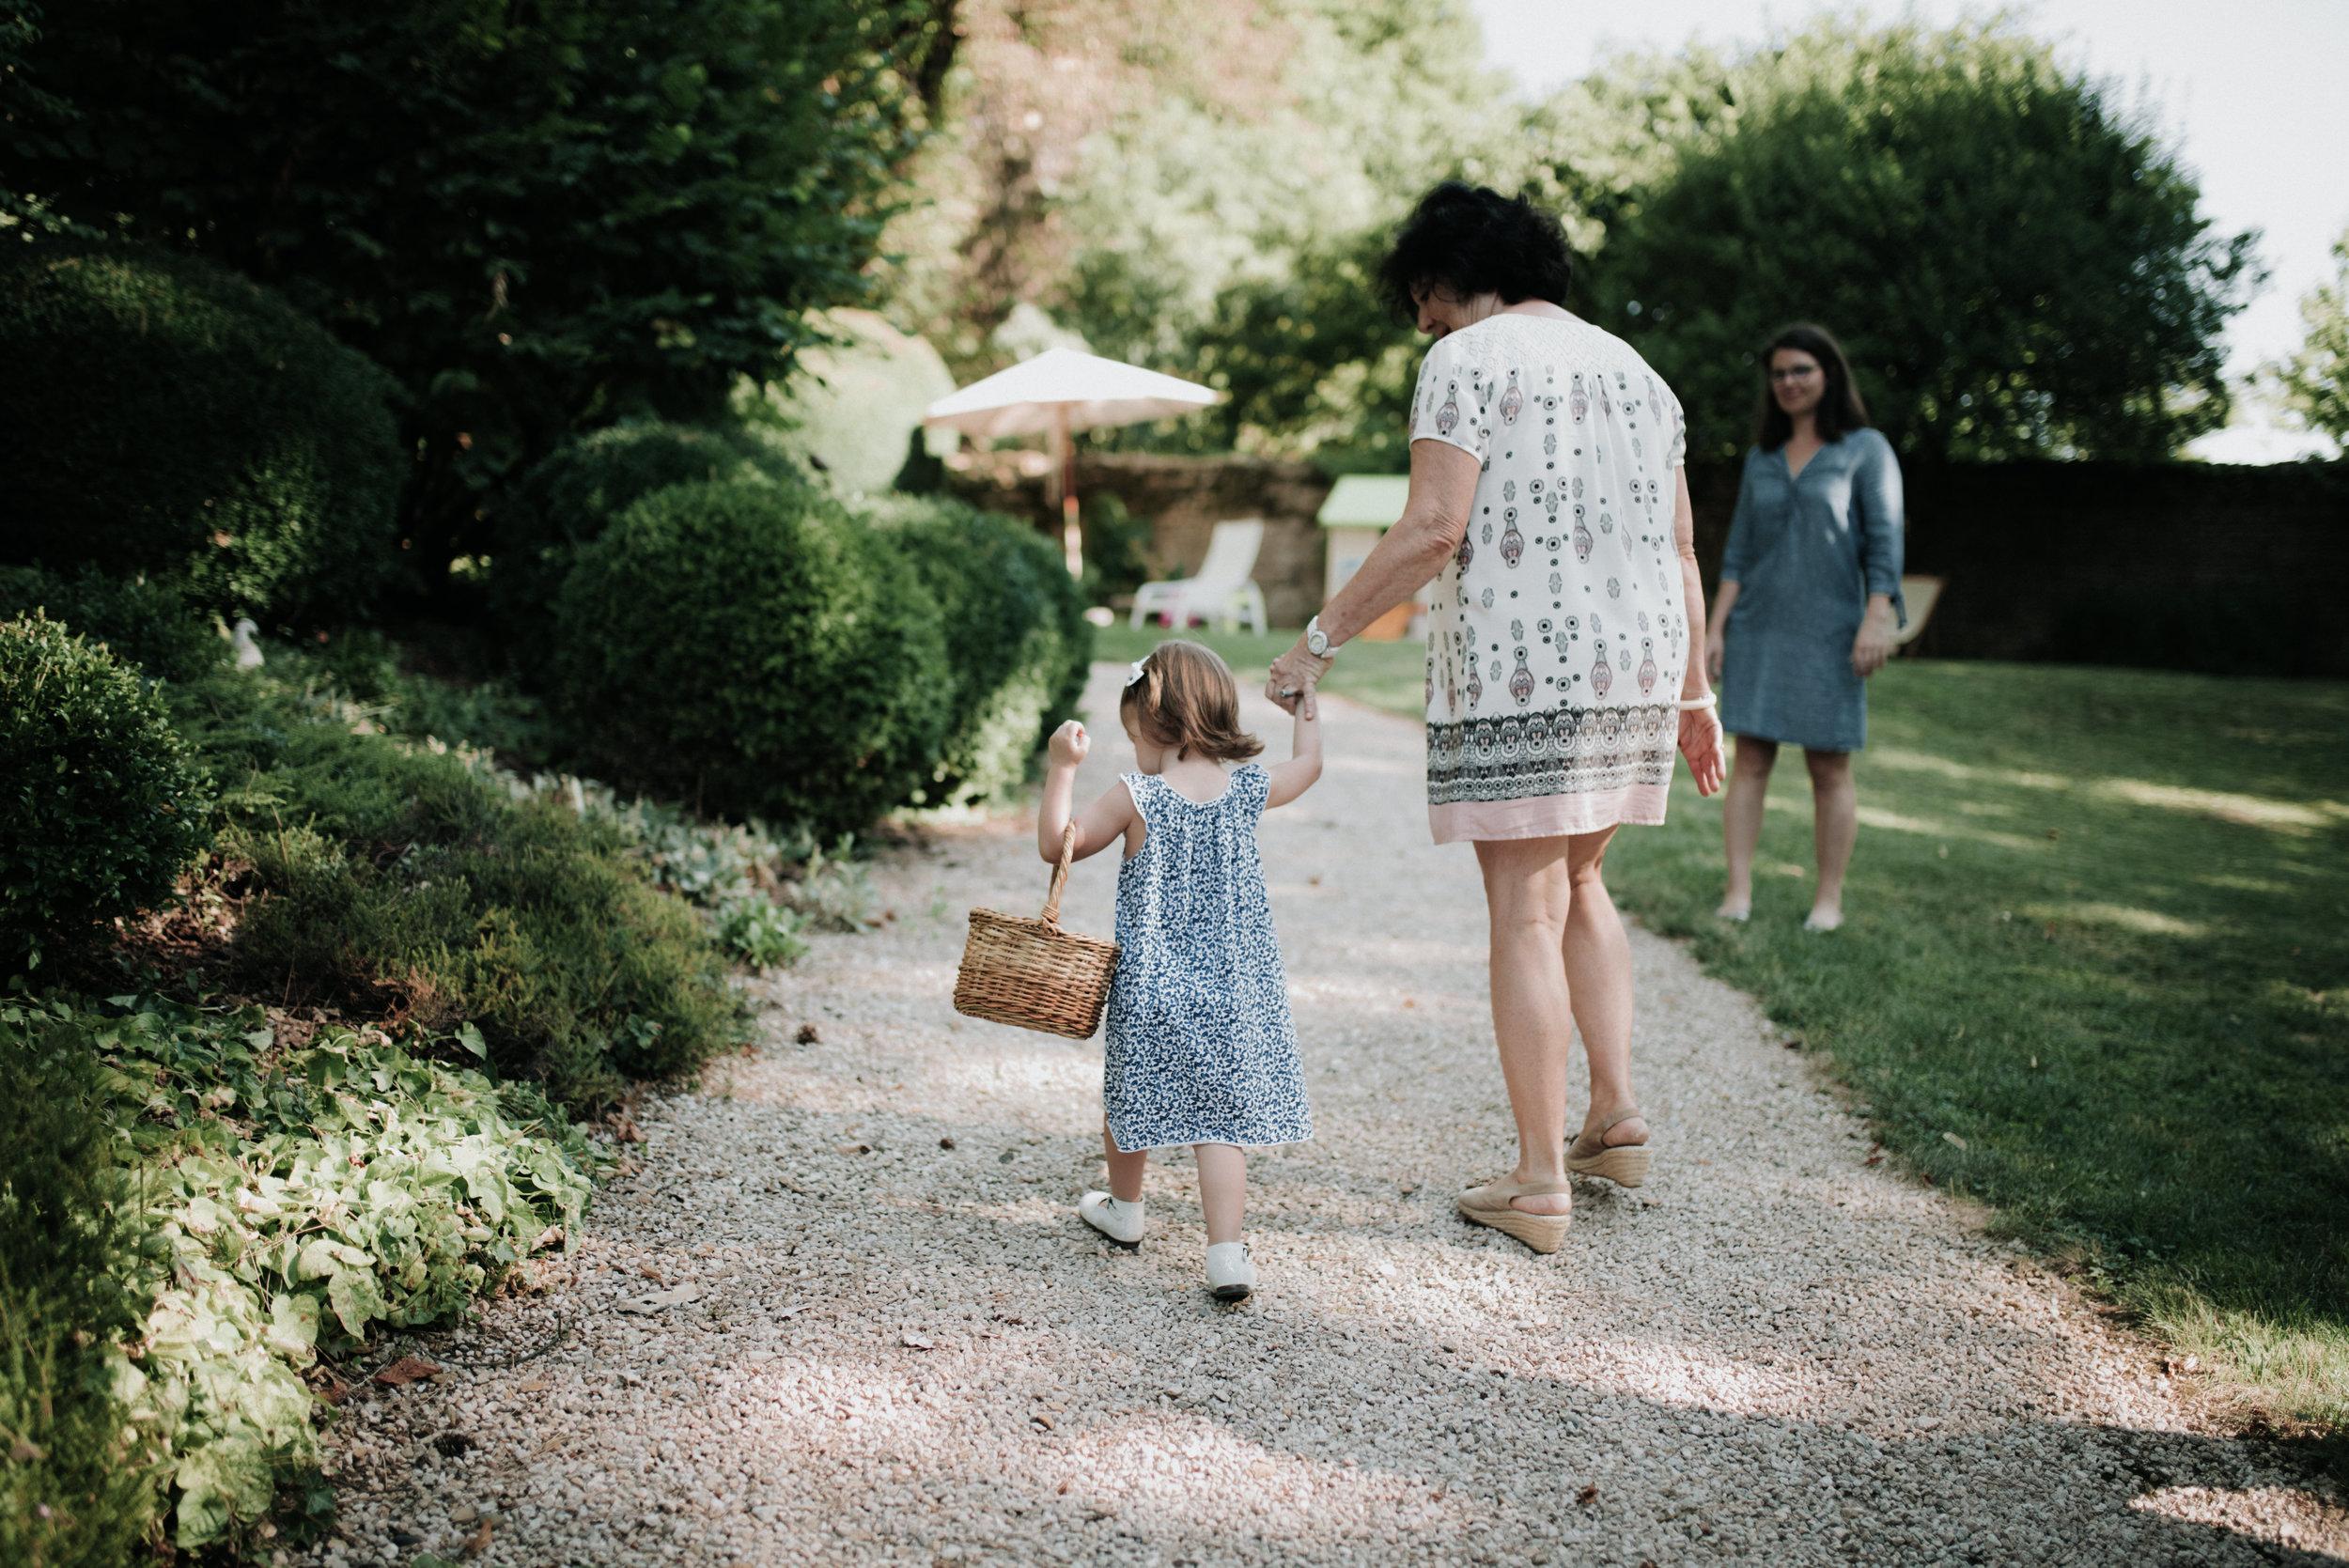 Léa-Fery-photographe-professionnel-lyon-rhone-alpes-portrait-creation-mariage-evenement-evenementiel-famille-4367.jpg